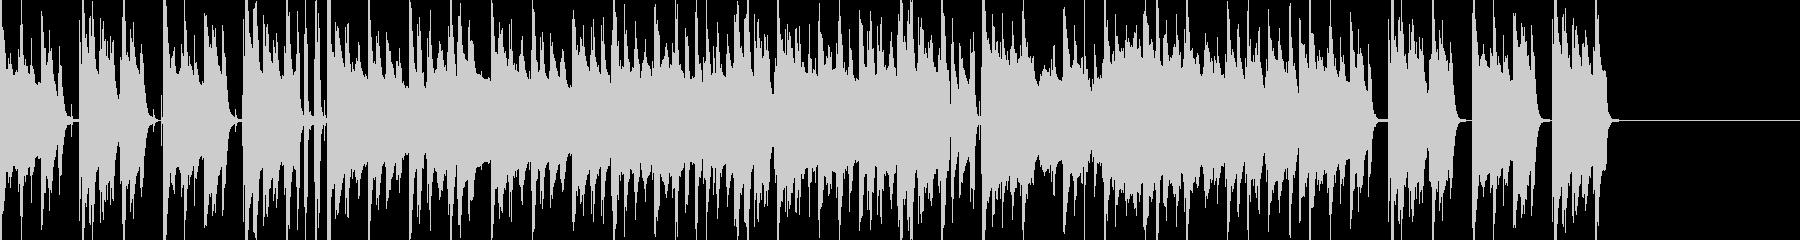 普段の日常で使われるBGMの未再生の波形